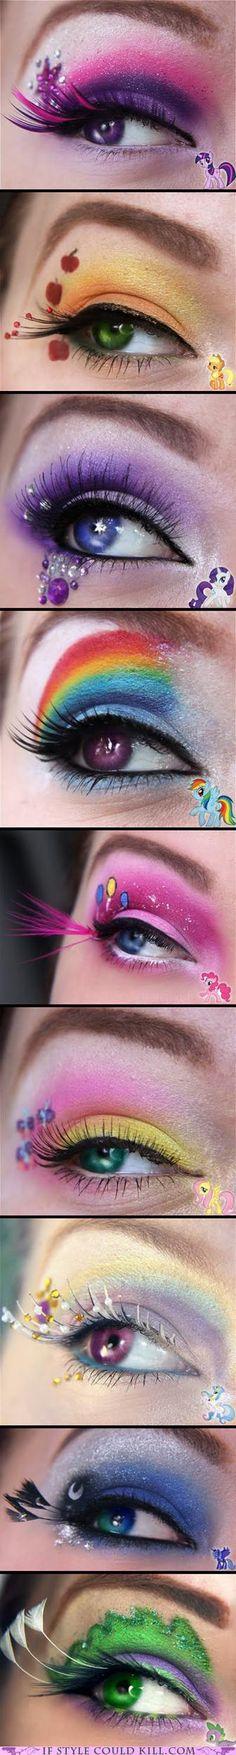 My Little Pony eye make-up!